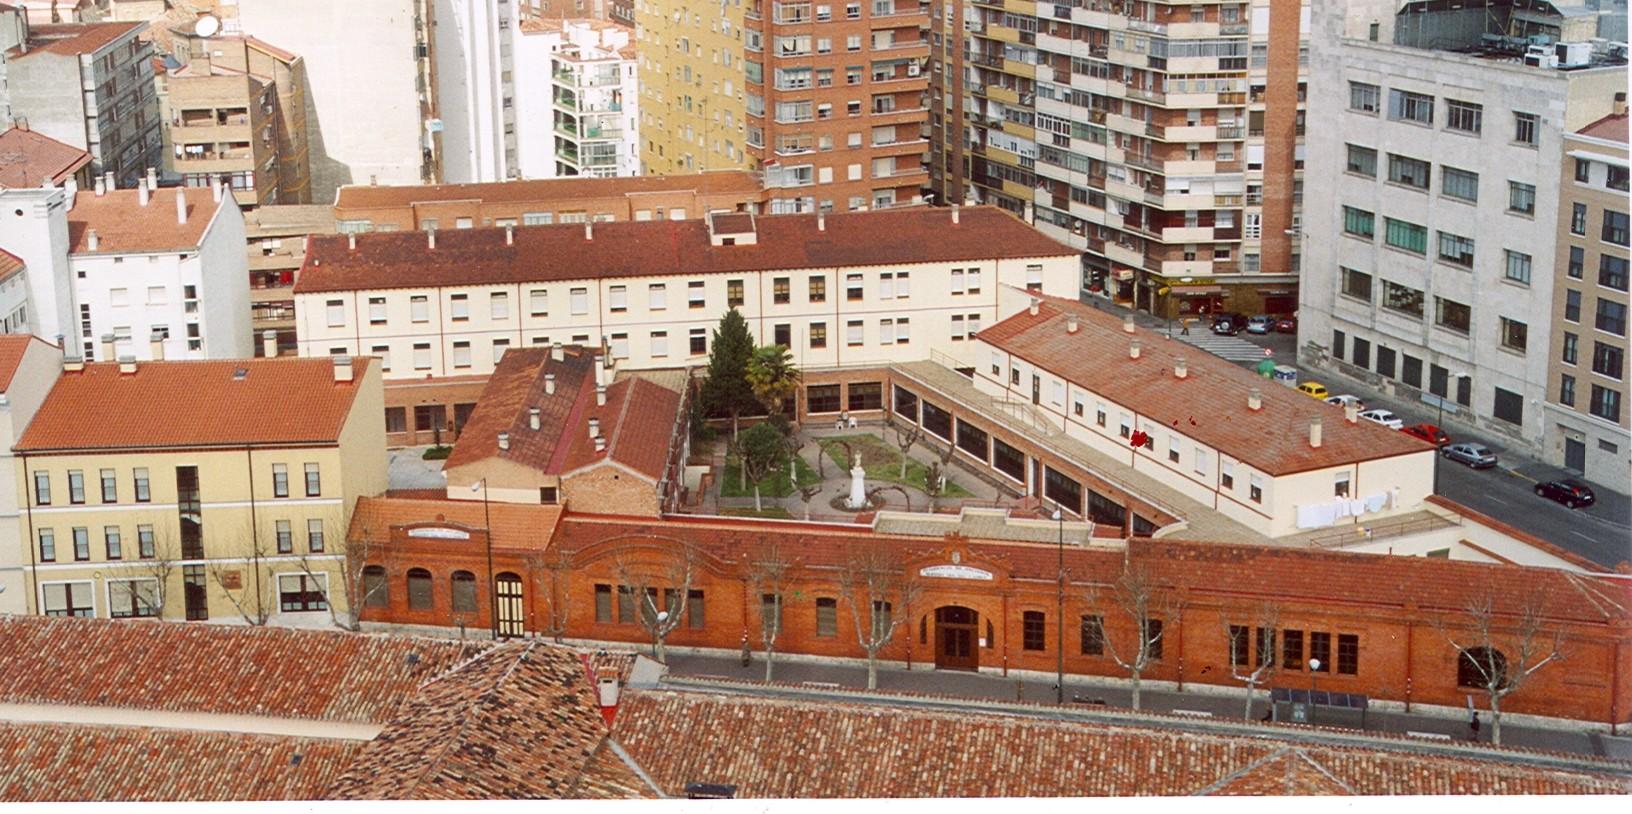 Vista aérea de la residencia actual